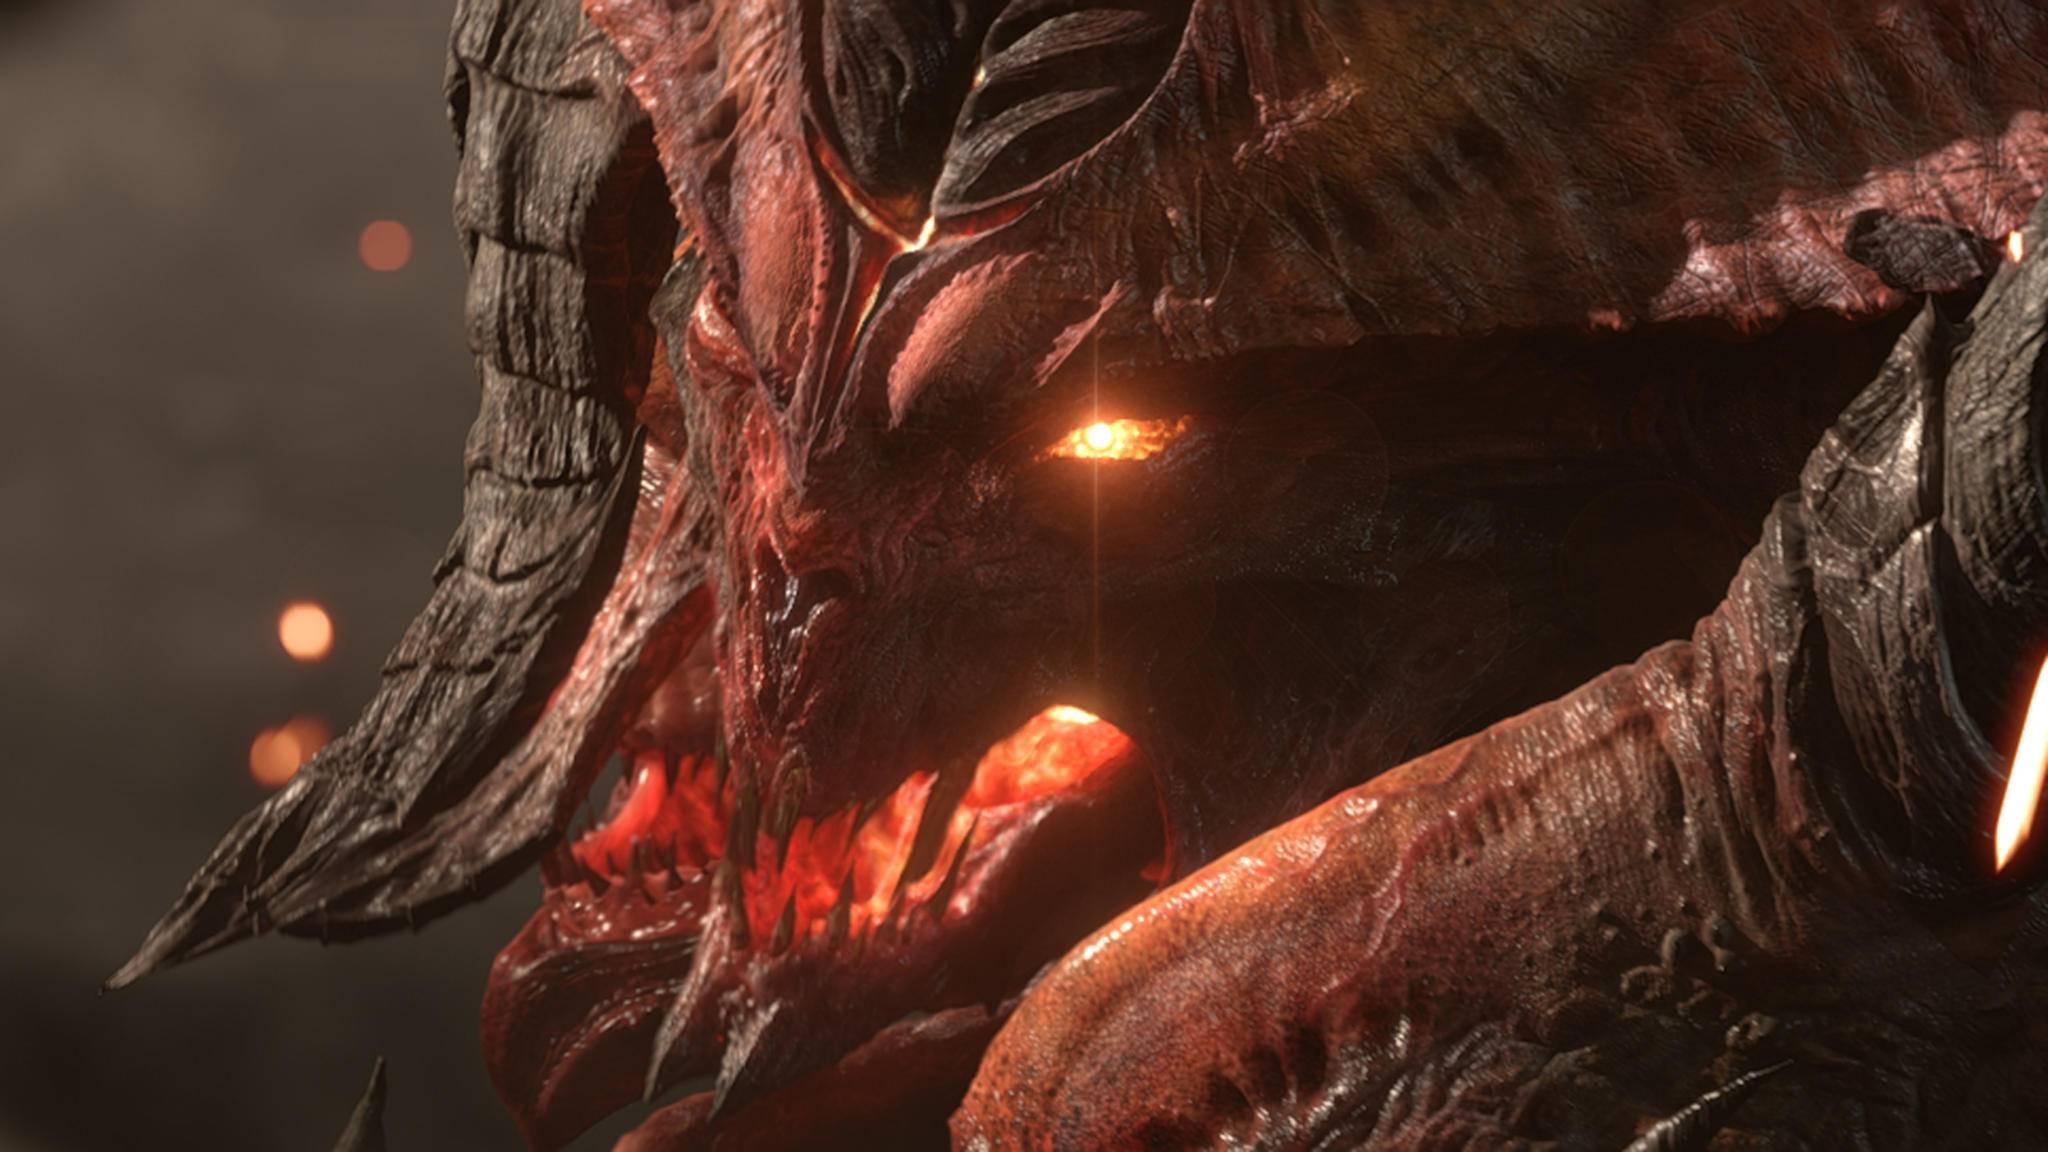 Malt Blizzard auf der BlizzCon den Teufel an die Wand?